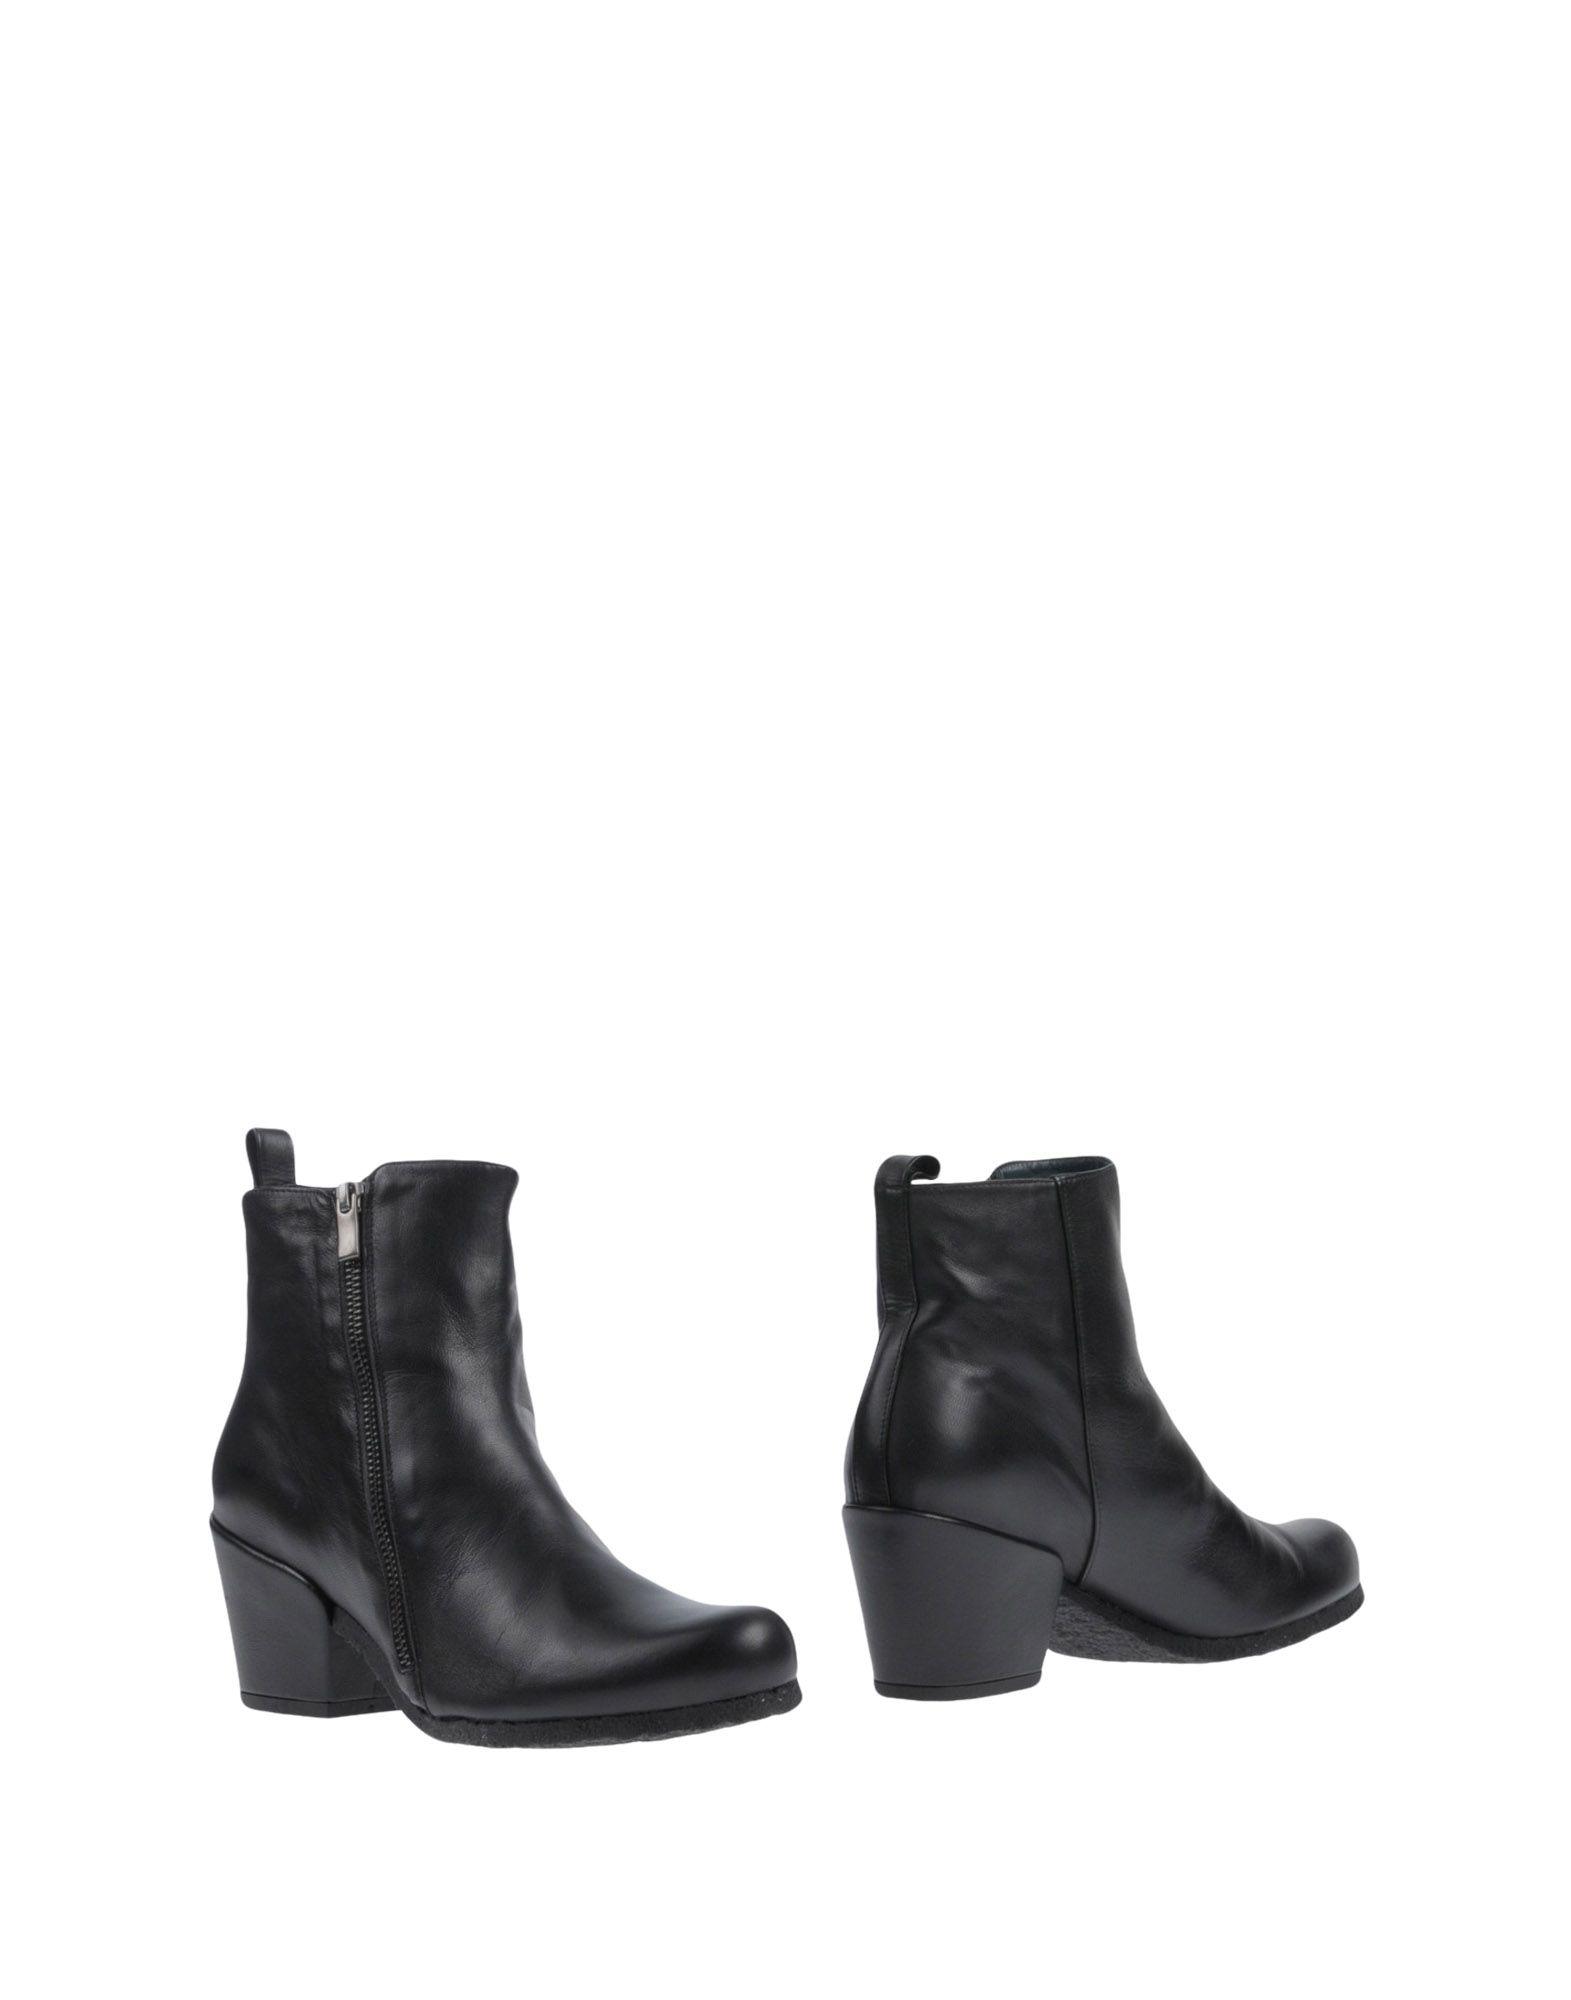 Audley Stiefelette Damen  11455110VS Gute Qualität beliebte Schuhe